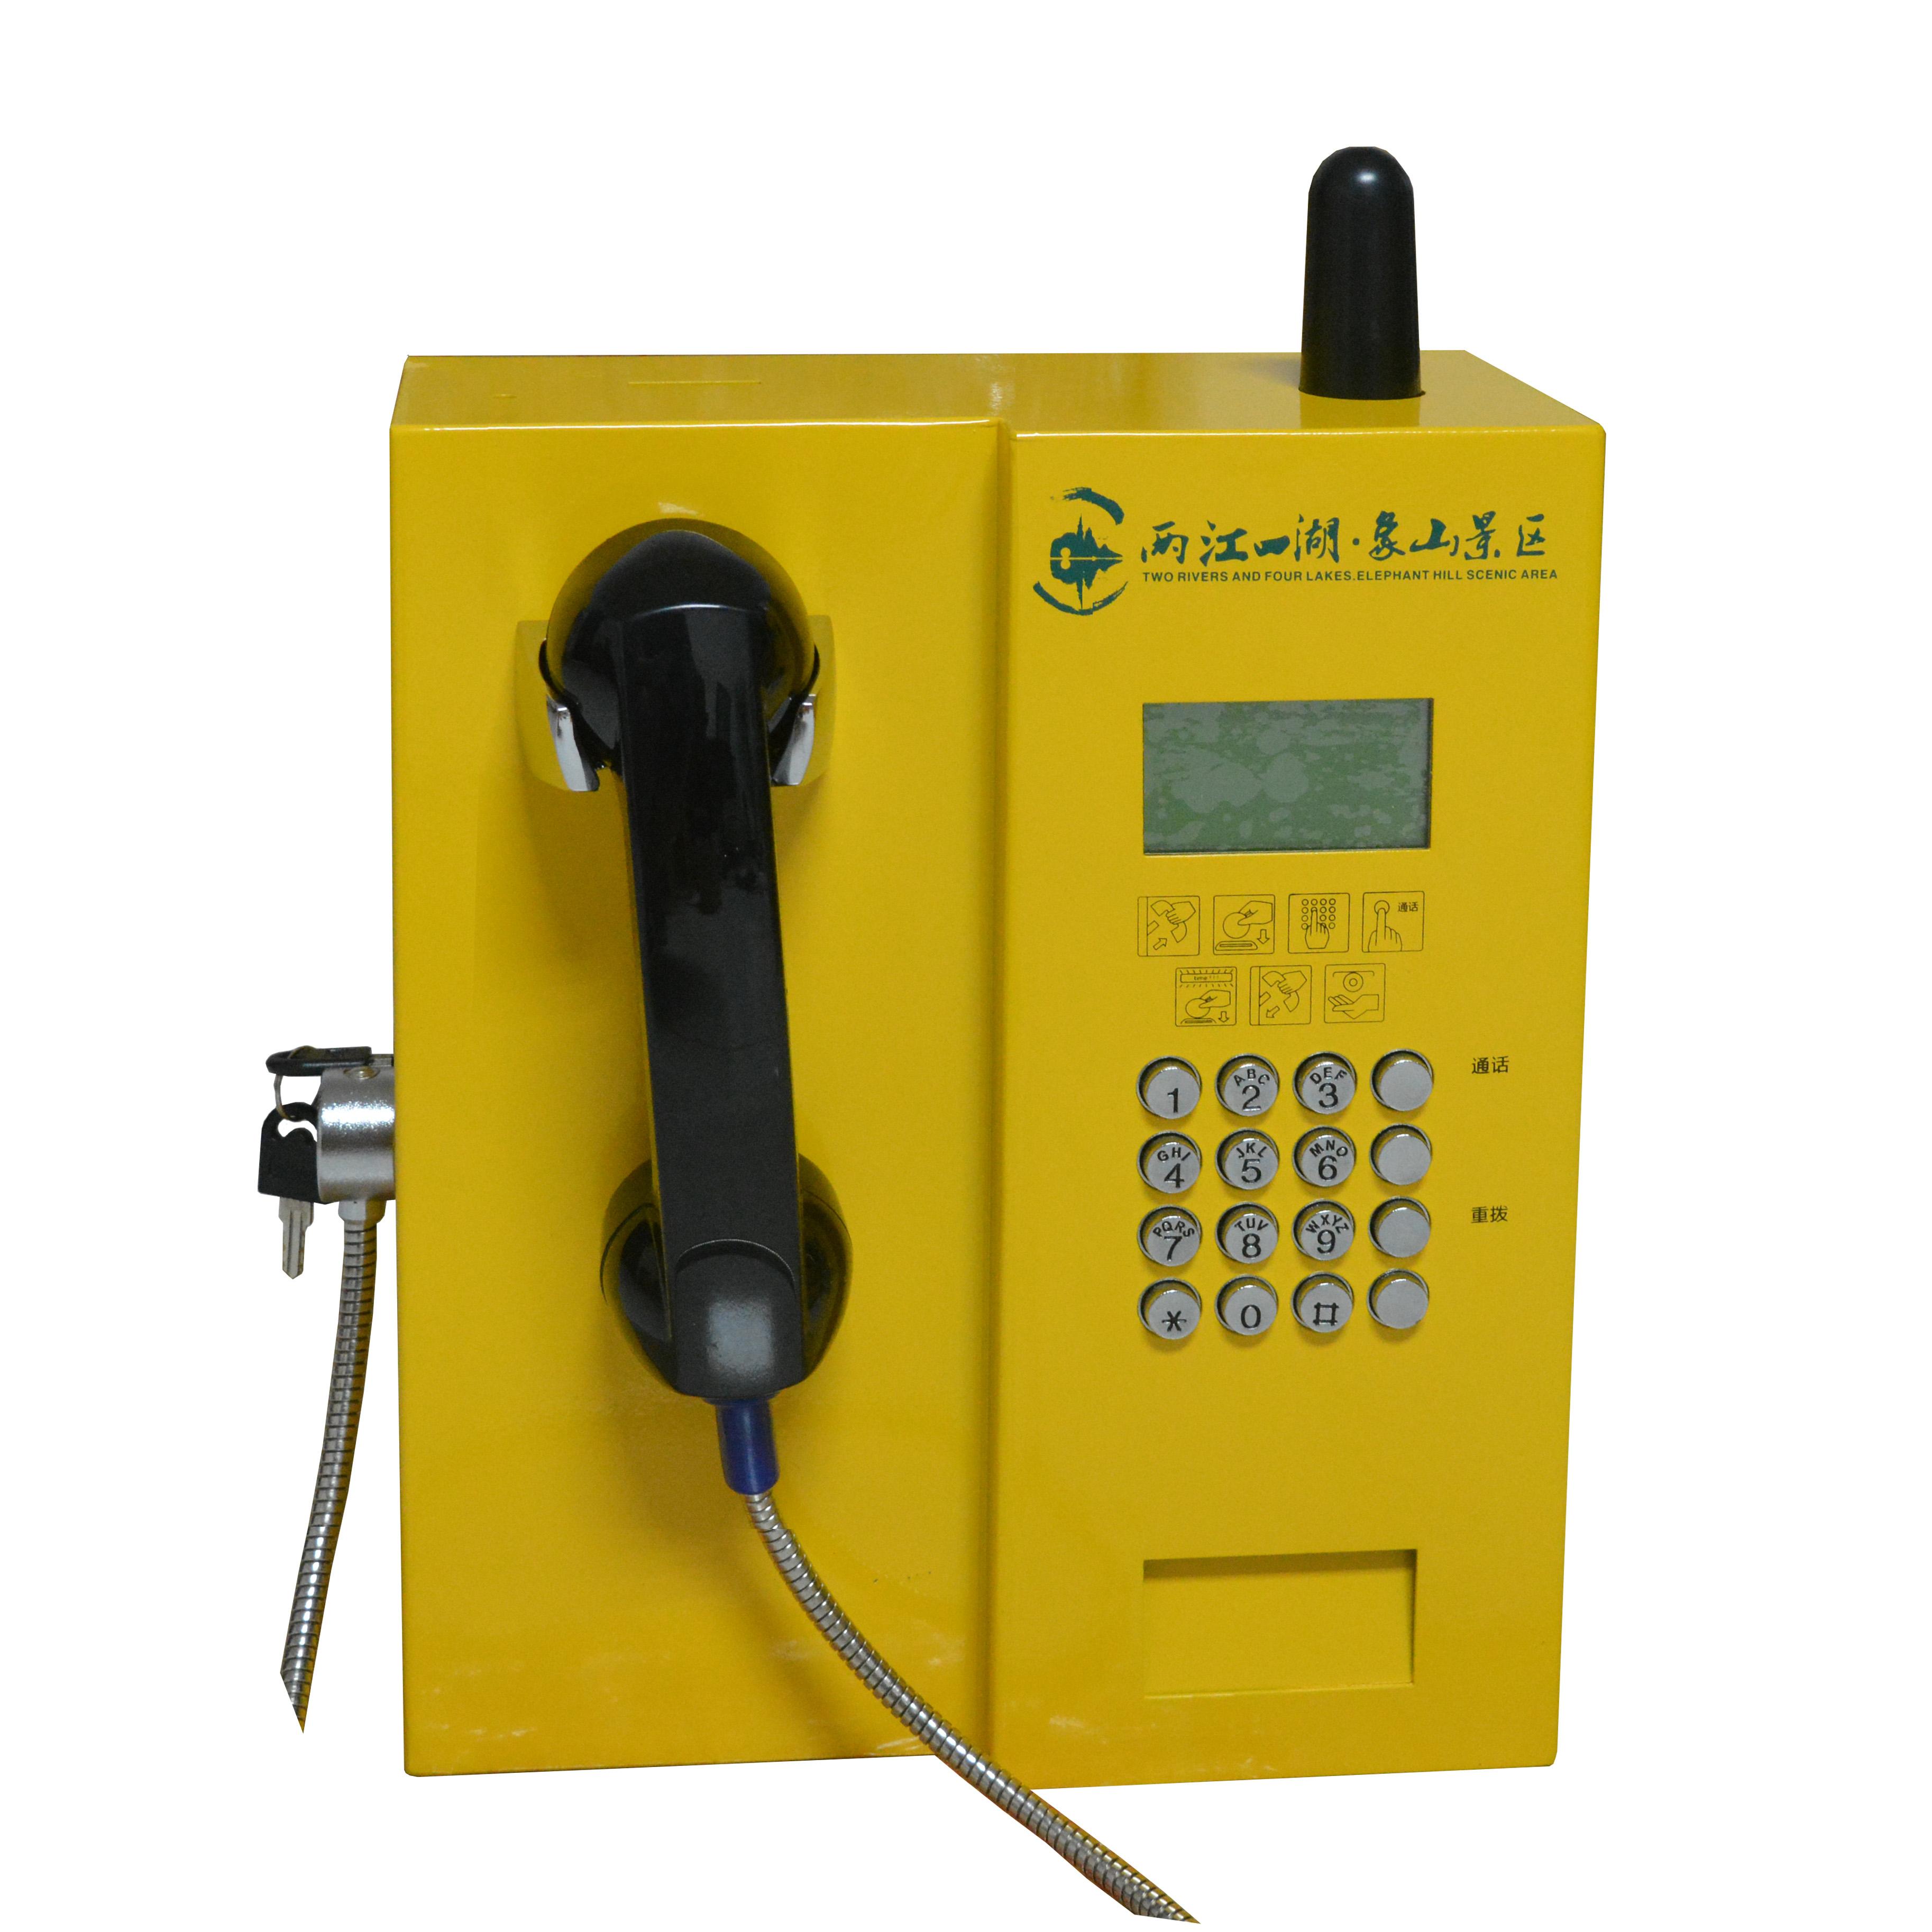 复古校园军校限时通话 无线投硬币 投币电话机 防暴防水壁挂式